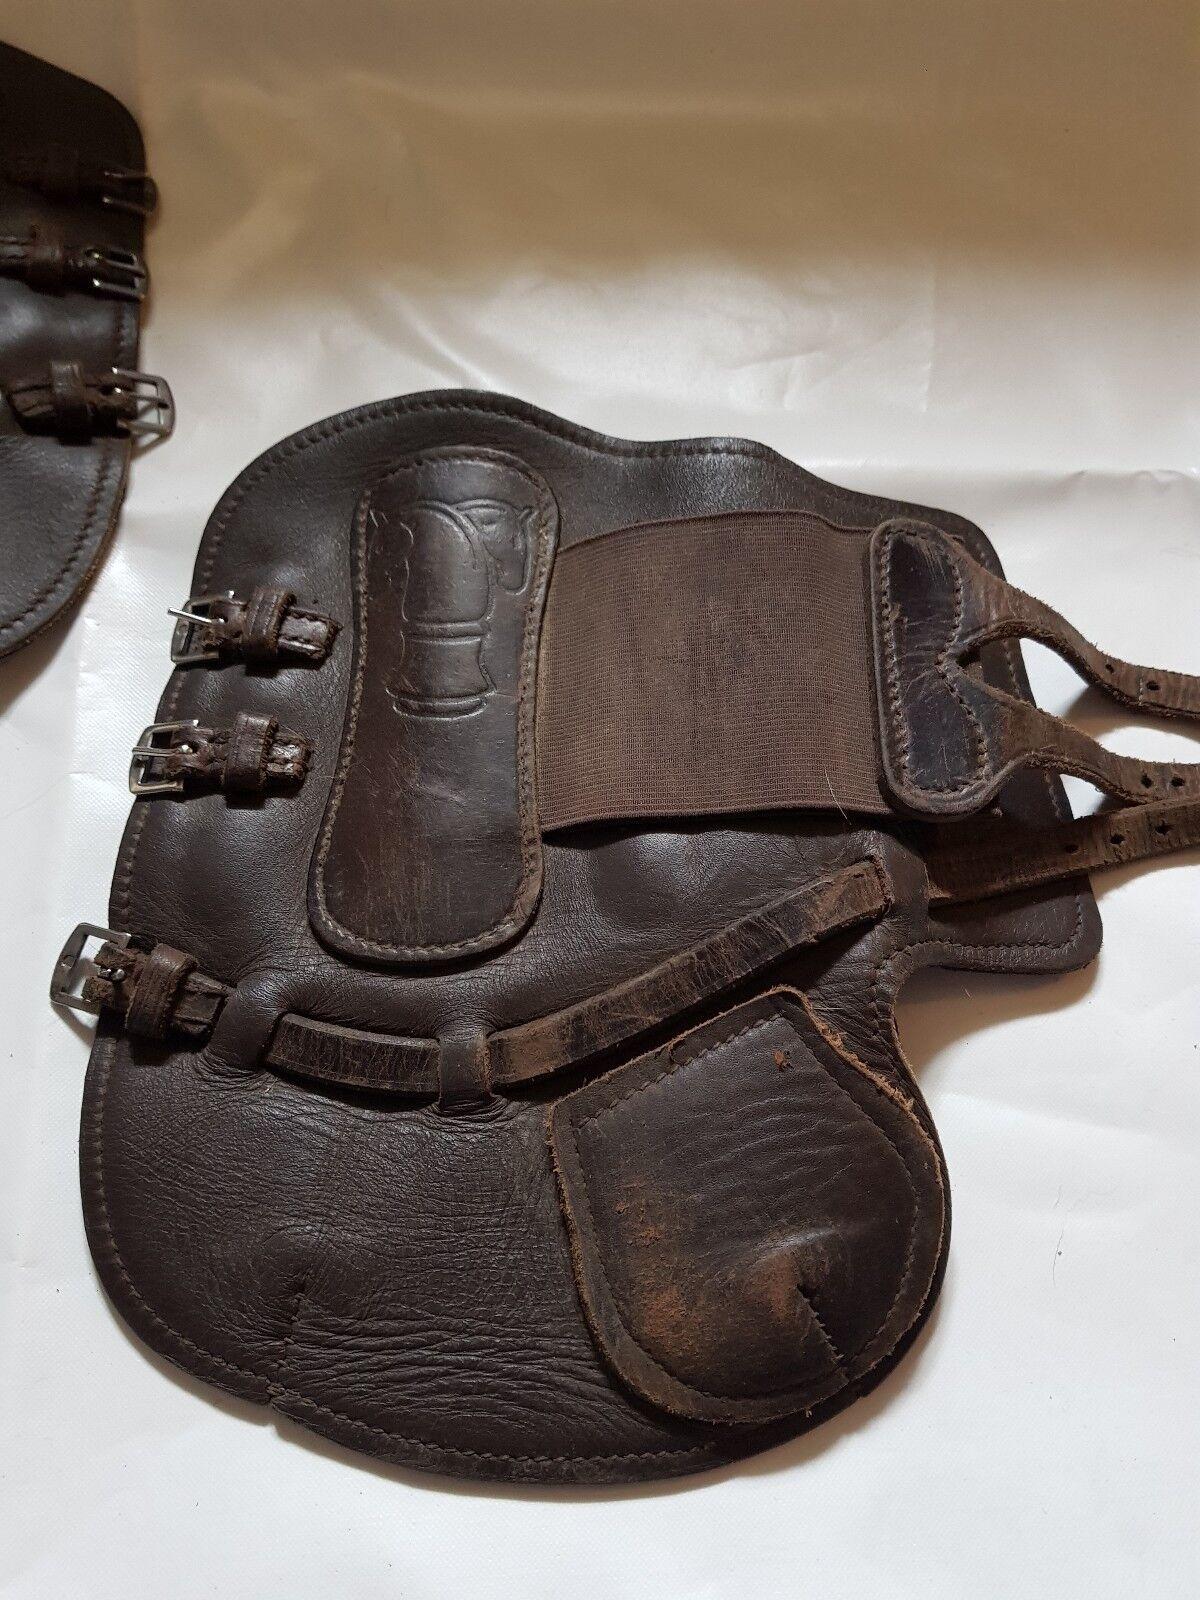 Sabre Tendón botas De Cuero Cuero Cuero Marrón 7570e1